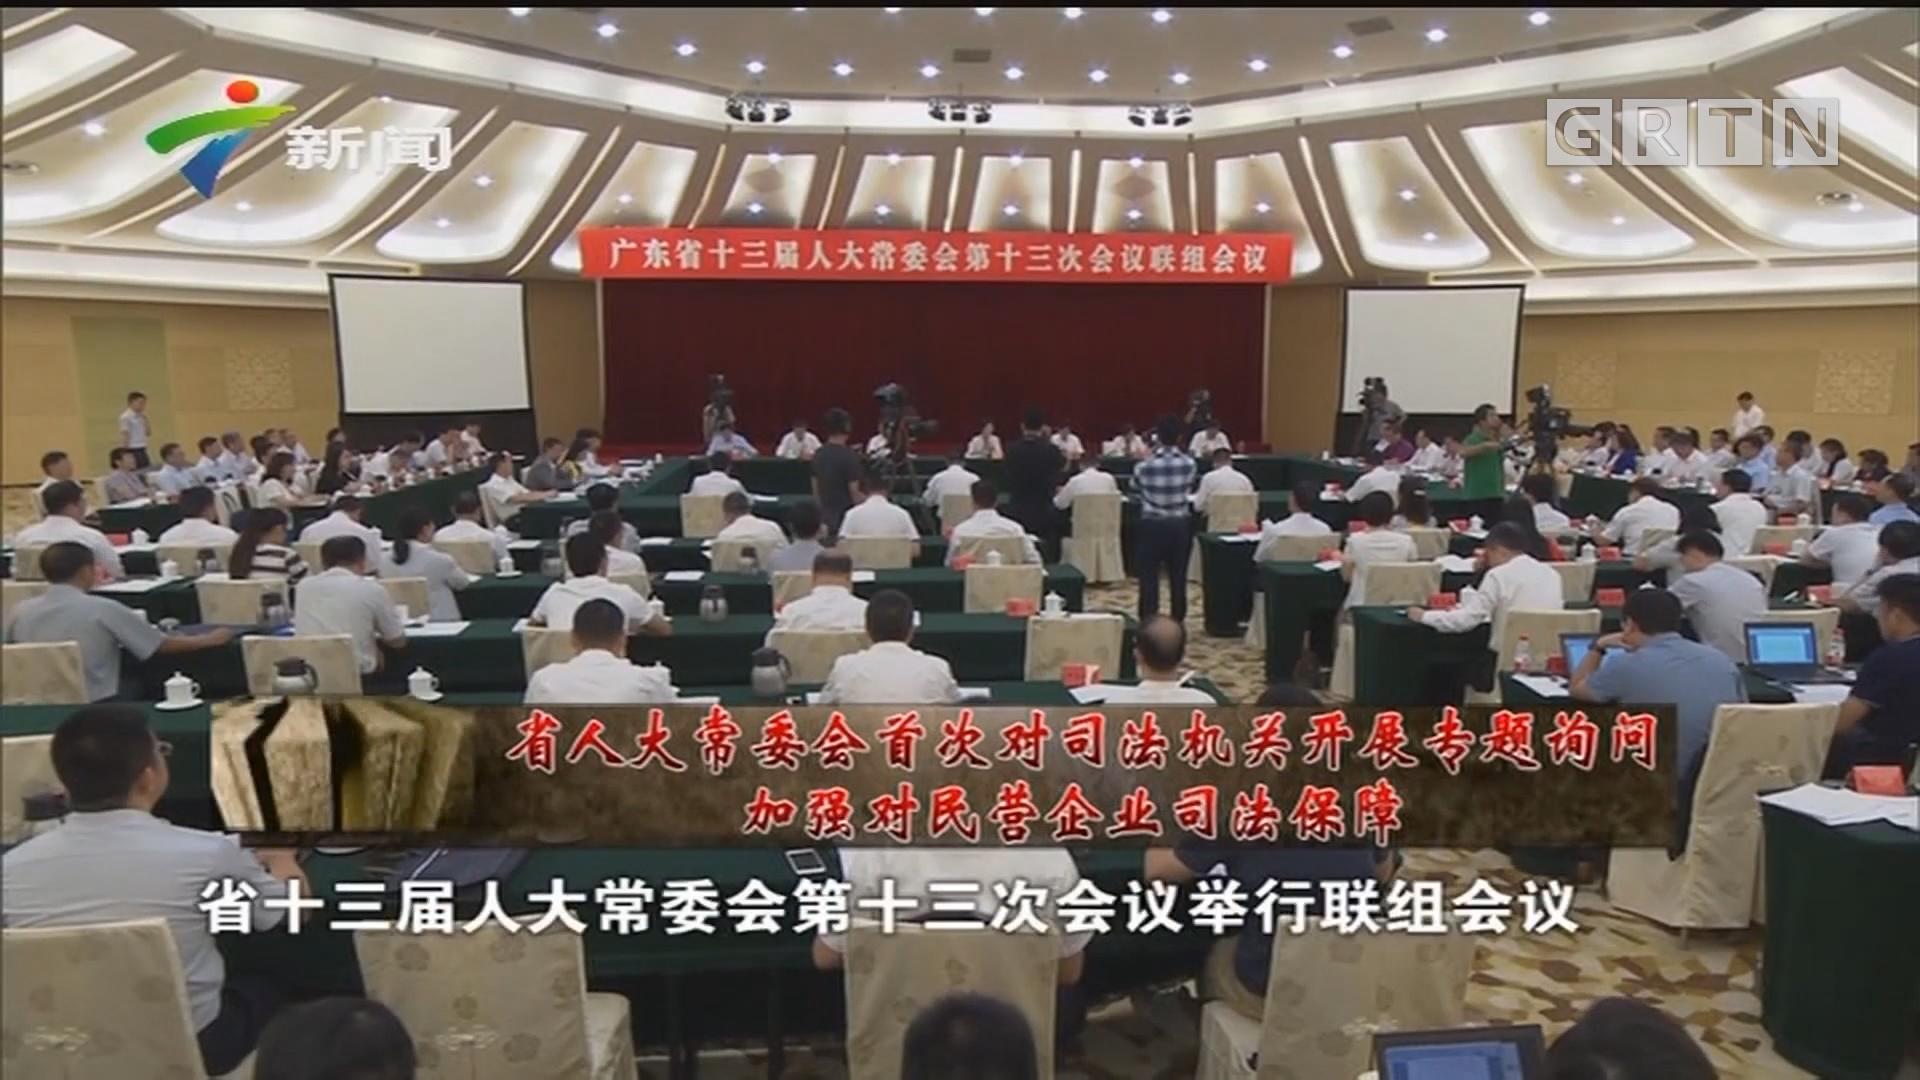 [HD][2019-08-24]人大代表:省人大常委会首次对司法机关开展专题询问 加强对民营企业司法保障